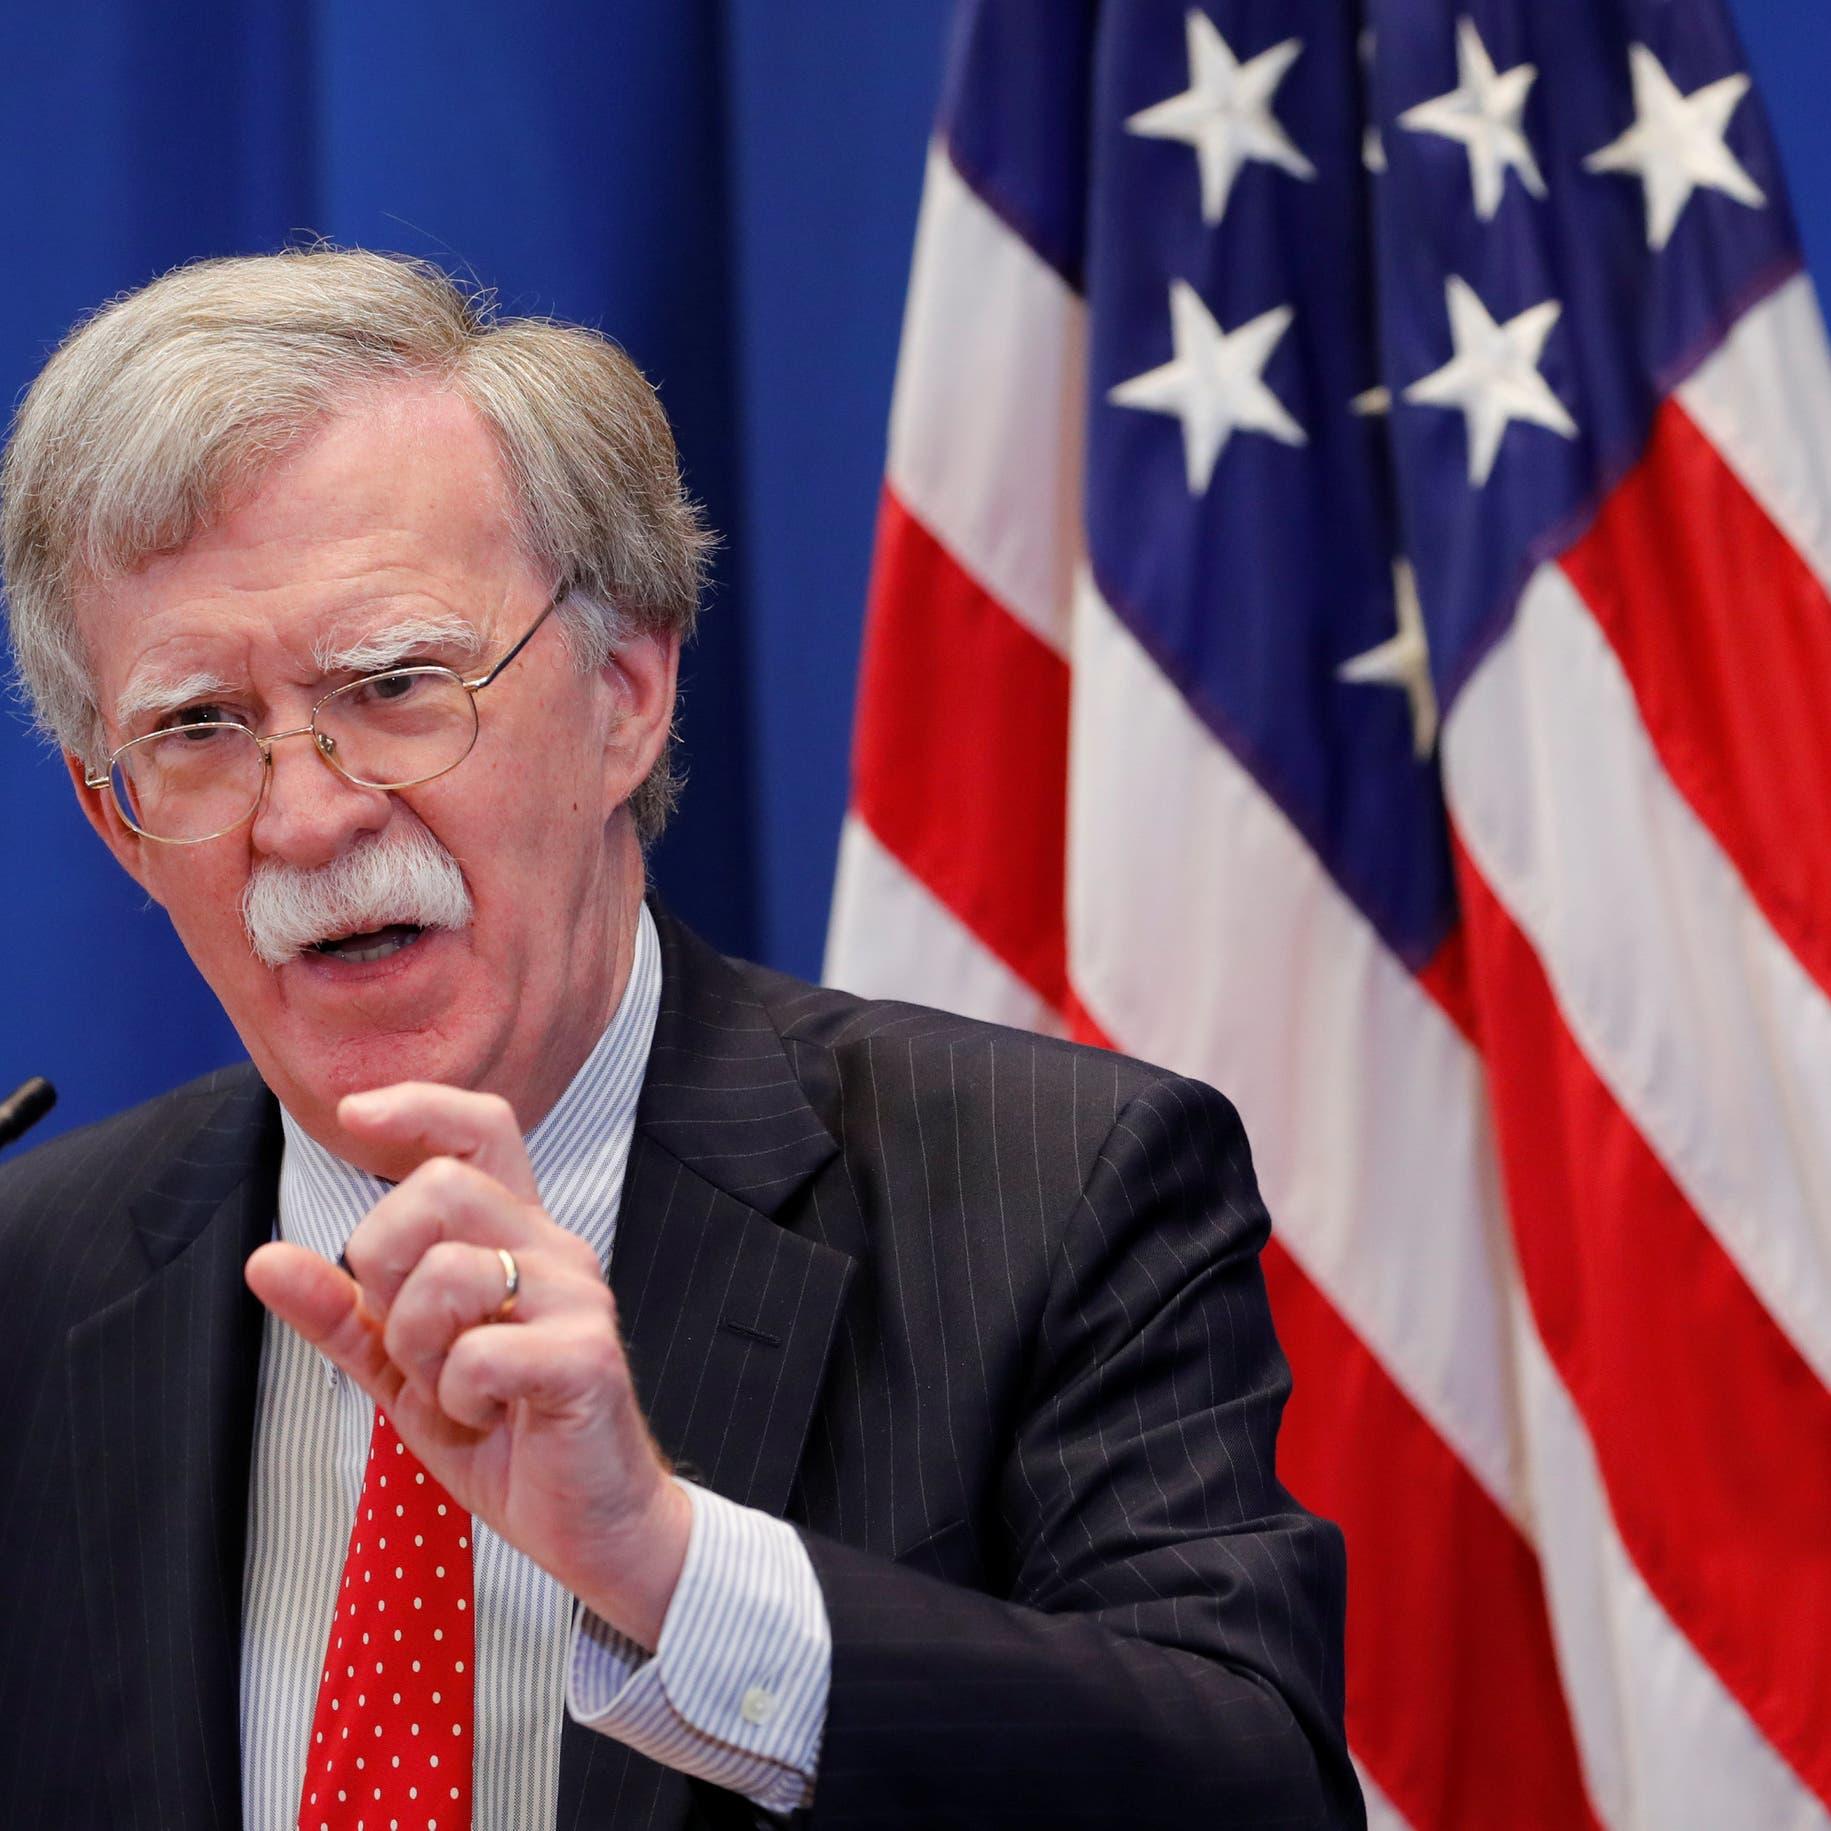 واشنطن: لا نريد الإضرار بالأصدقاء من خلال عقوبات إيران